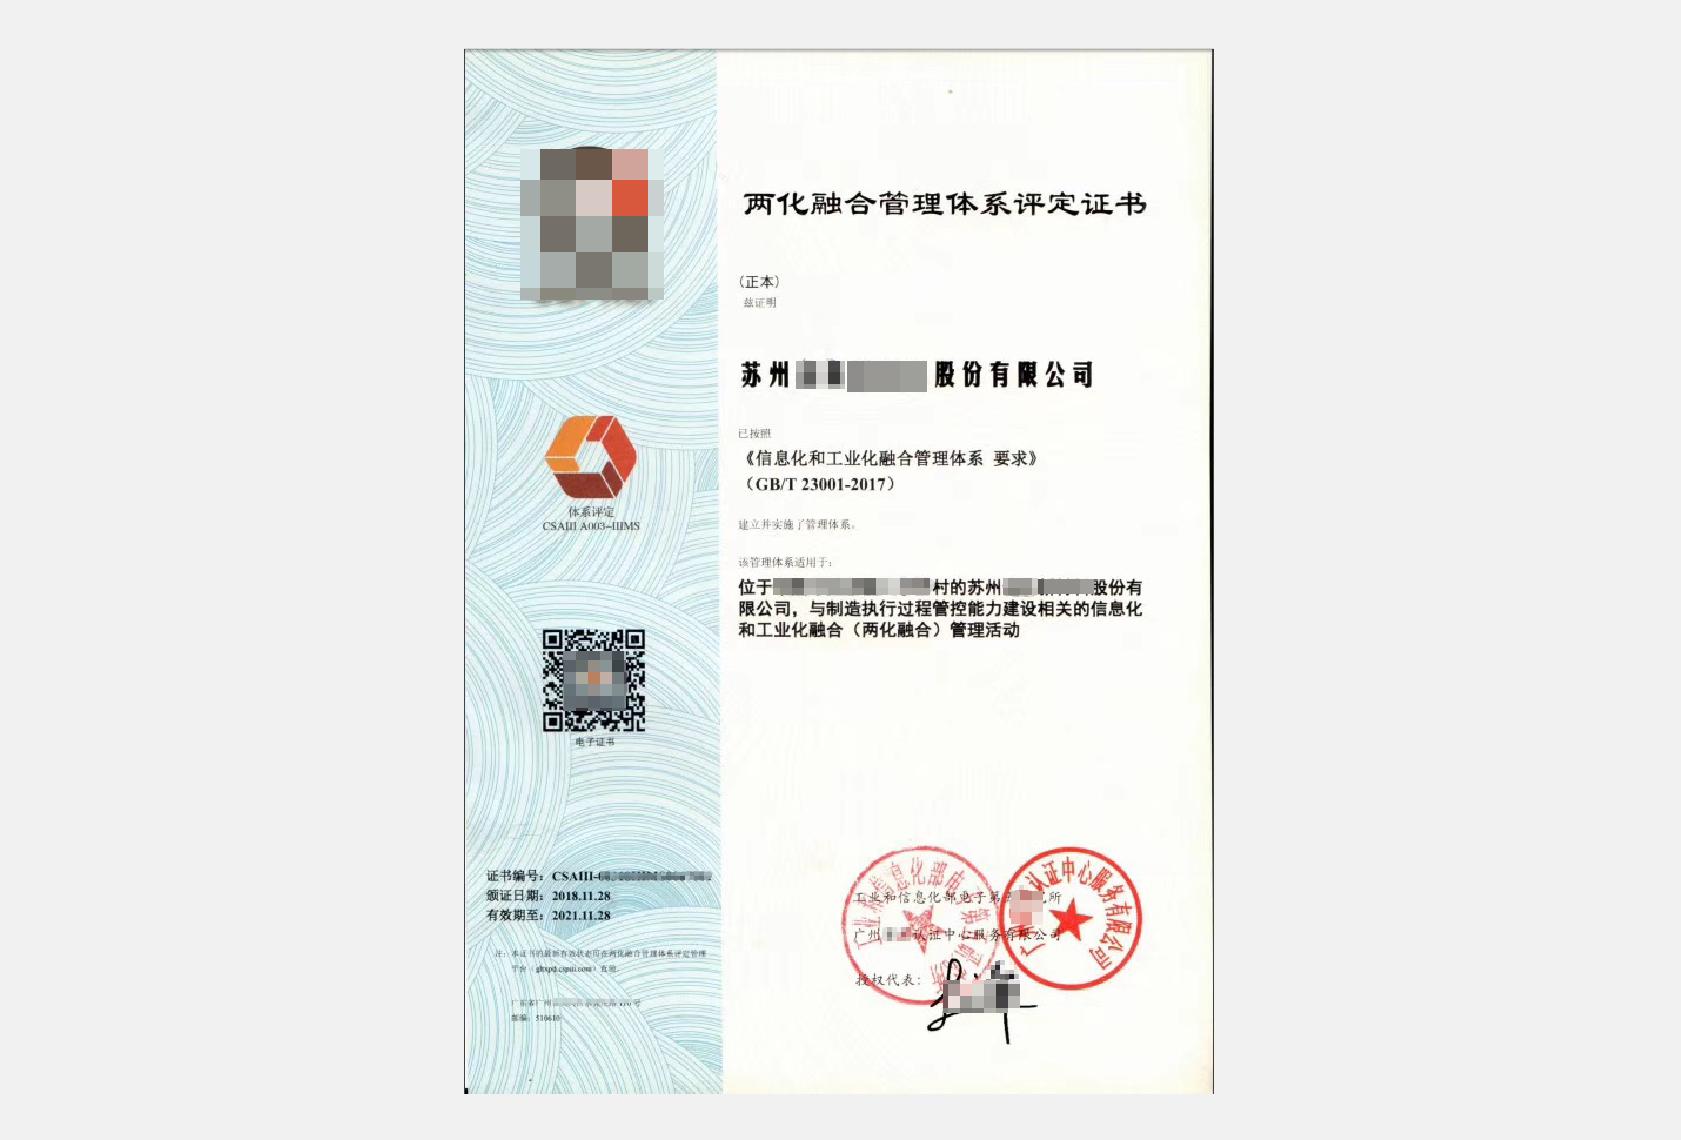 两化融合贯标证书